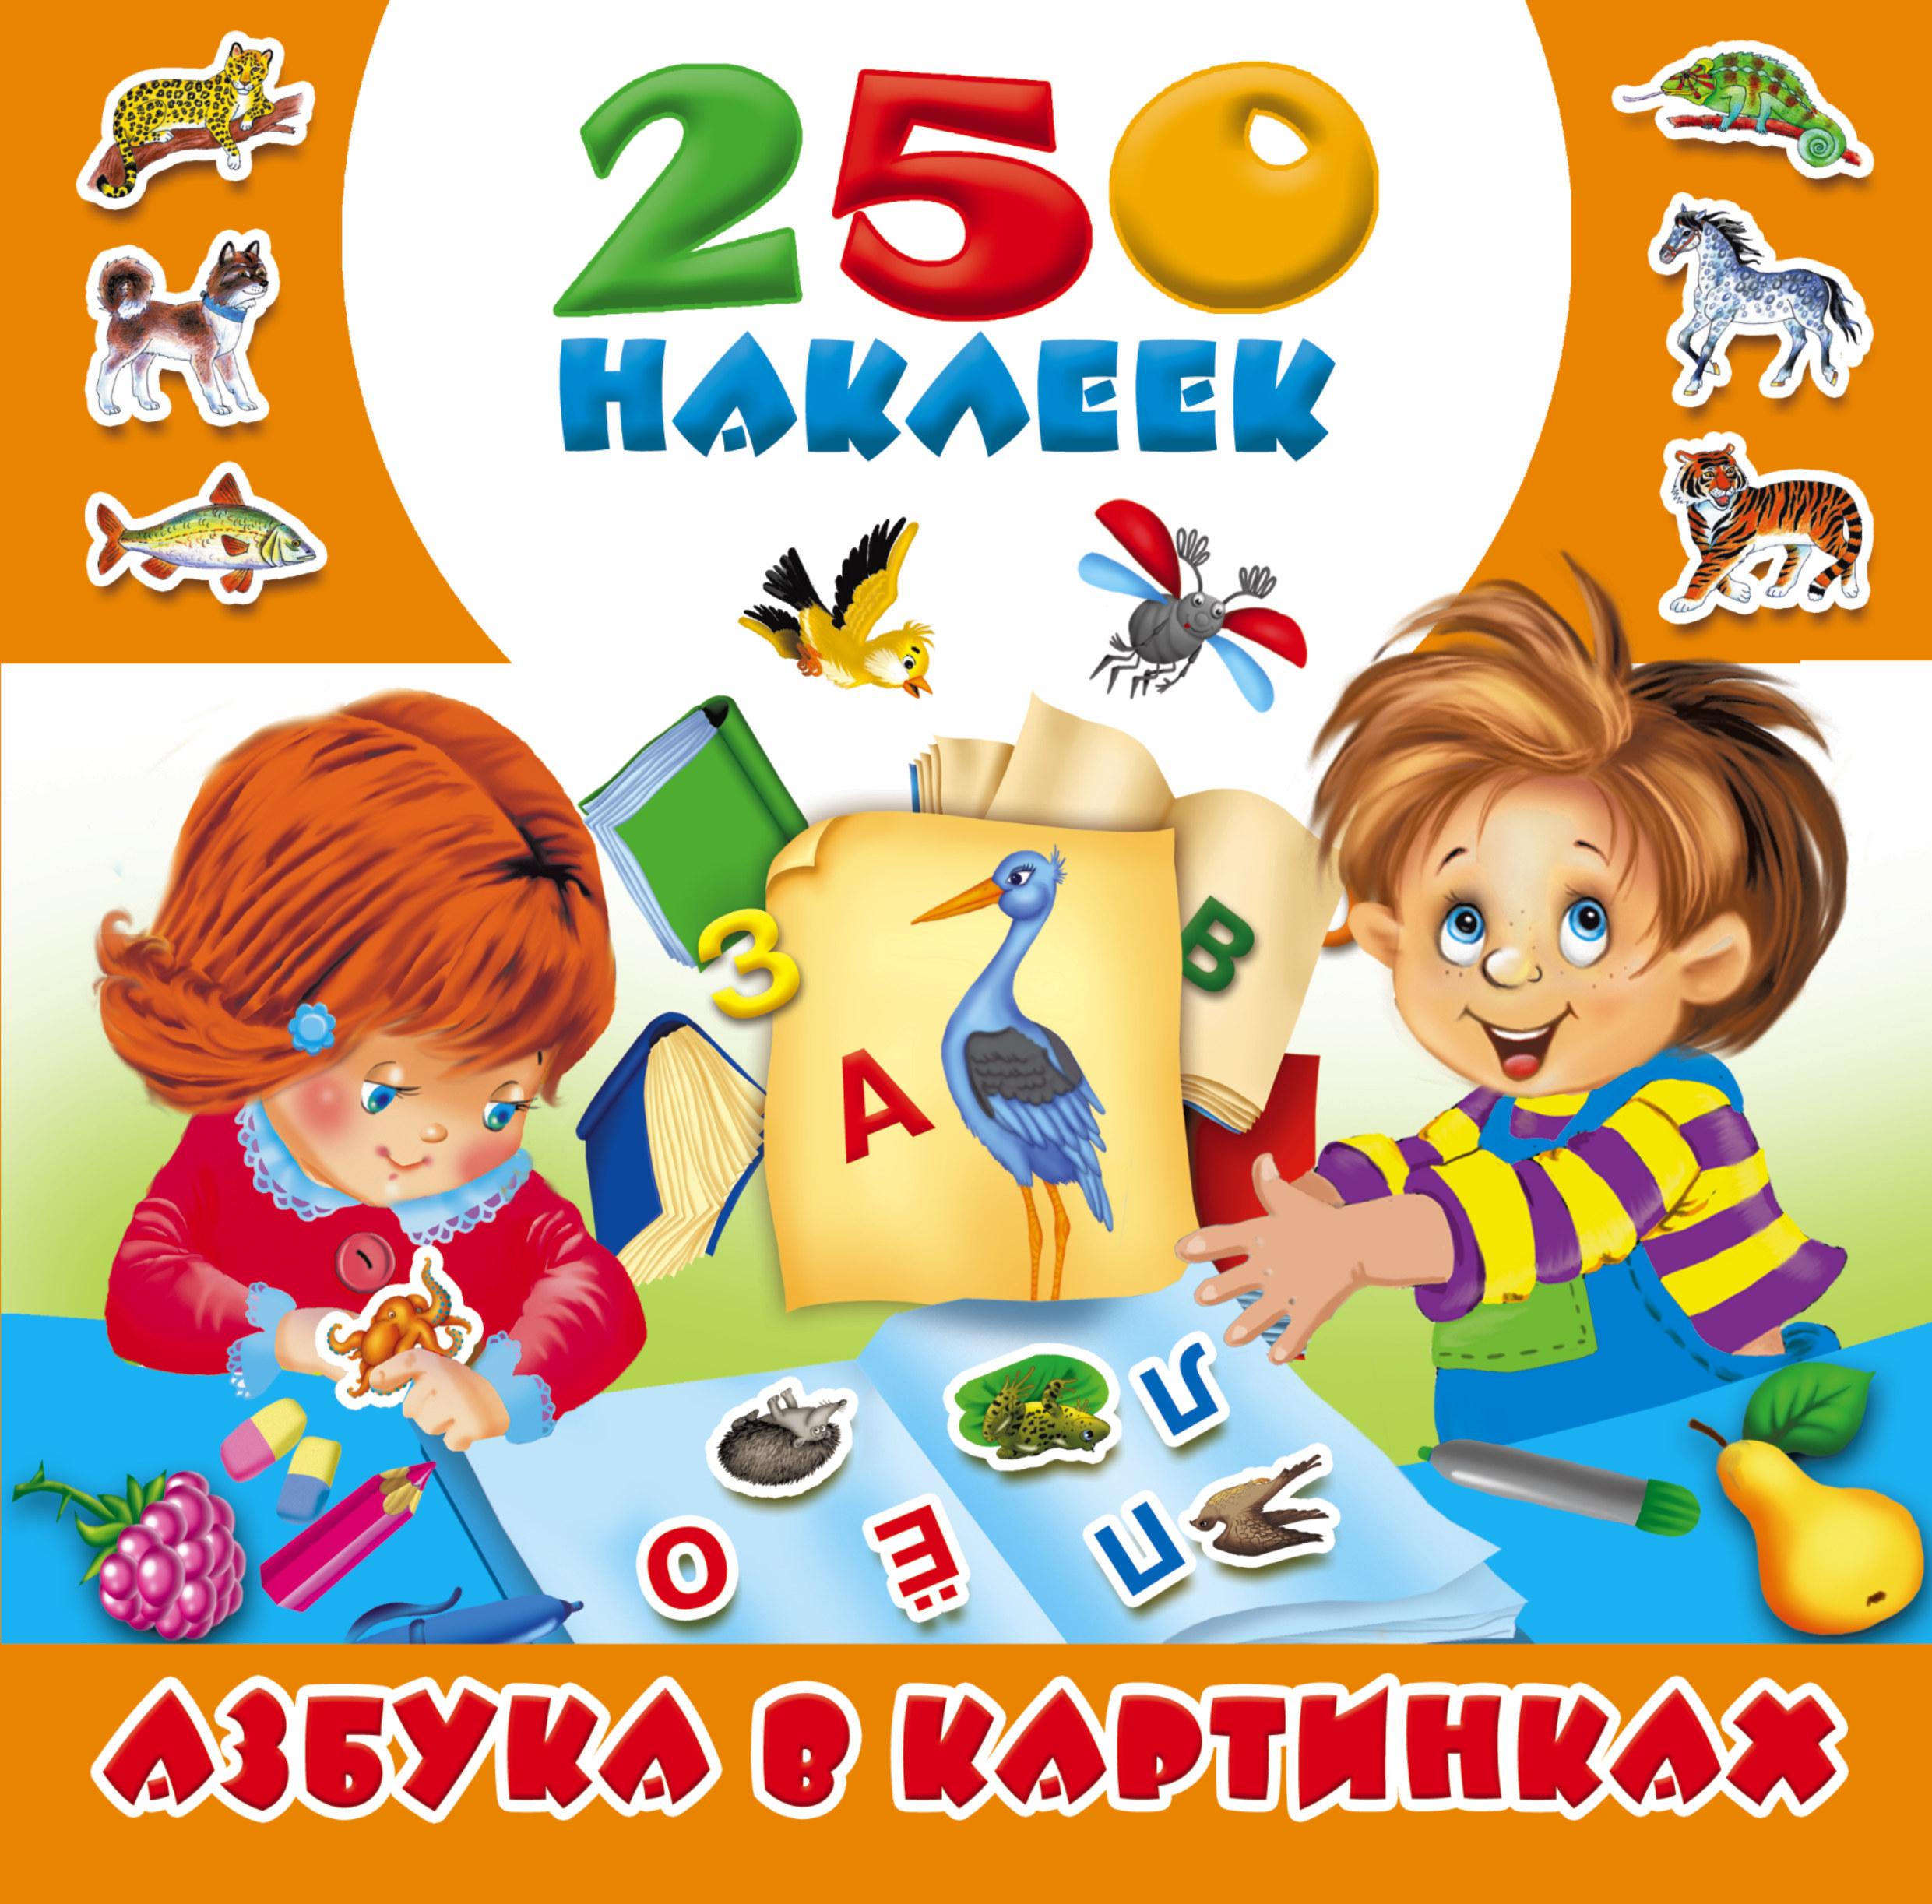 Горбунова И.В., Граблевская О.В., Матюшкина К. Азбука в картинках. 250 наклеек